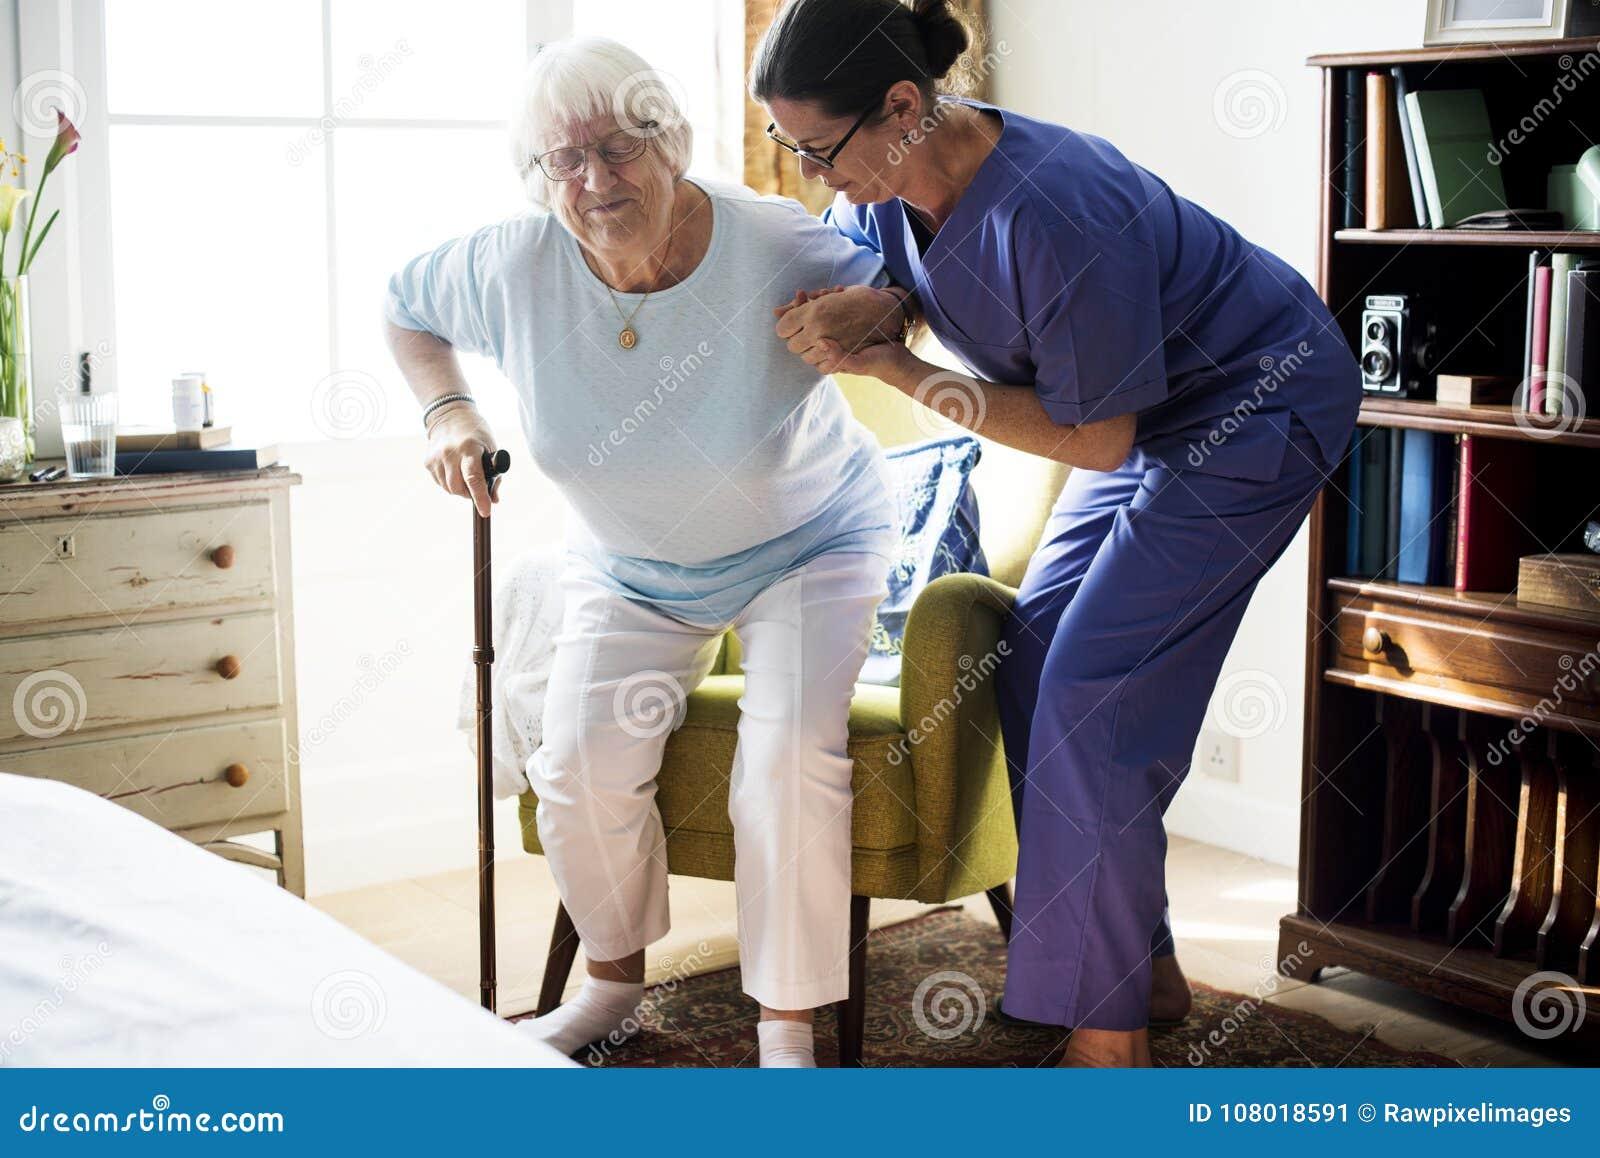 Νοσοκόμα που βοηθά την ανώτερη γυναίκα για να σταθεί